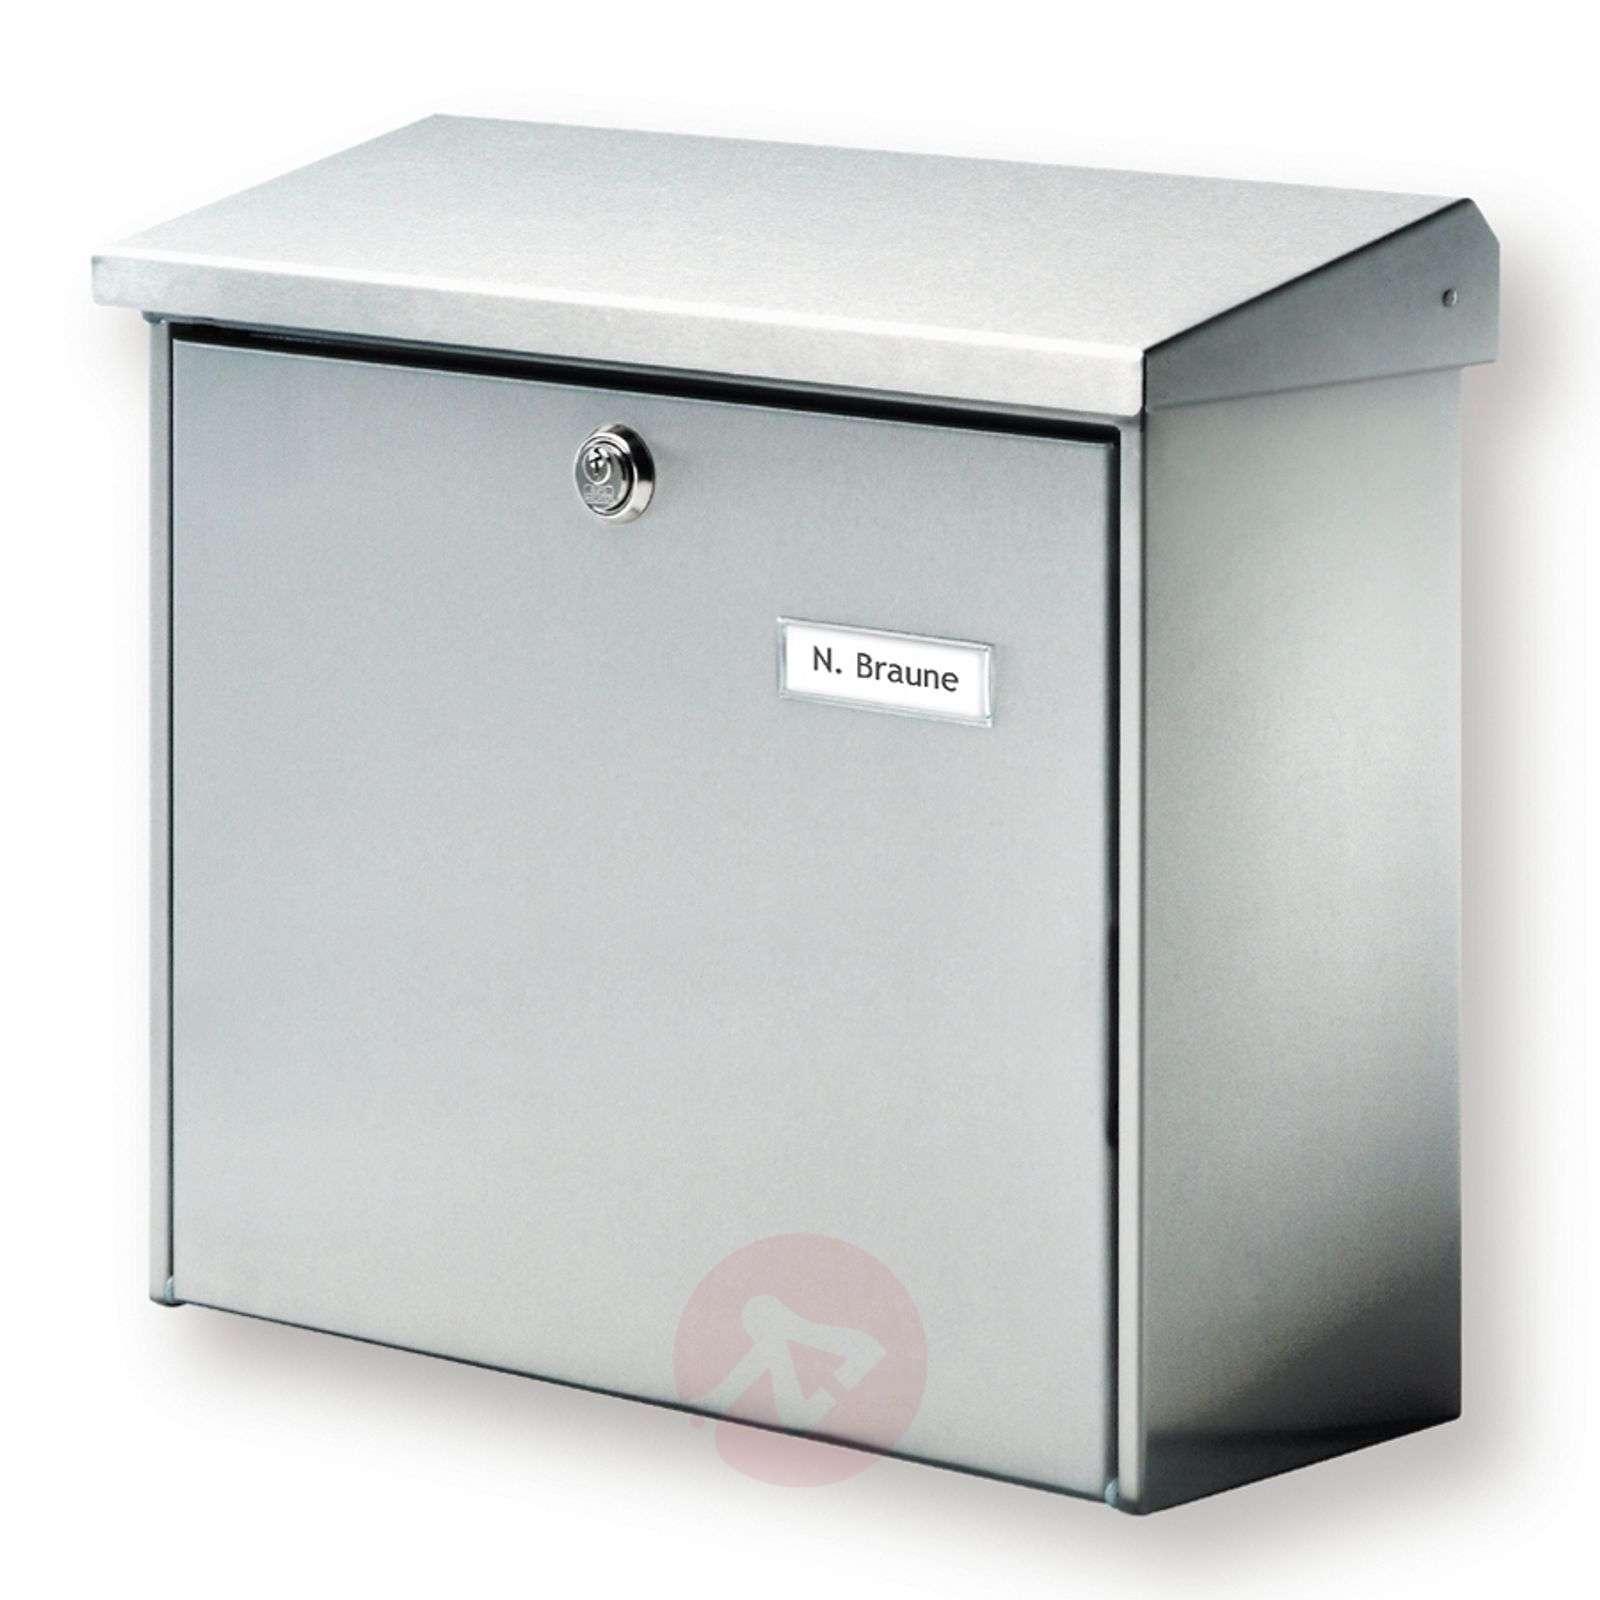 Comfort-postilaatikko, ruostumaton teräs-1532028-01